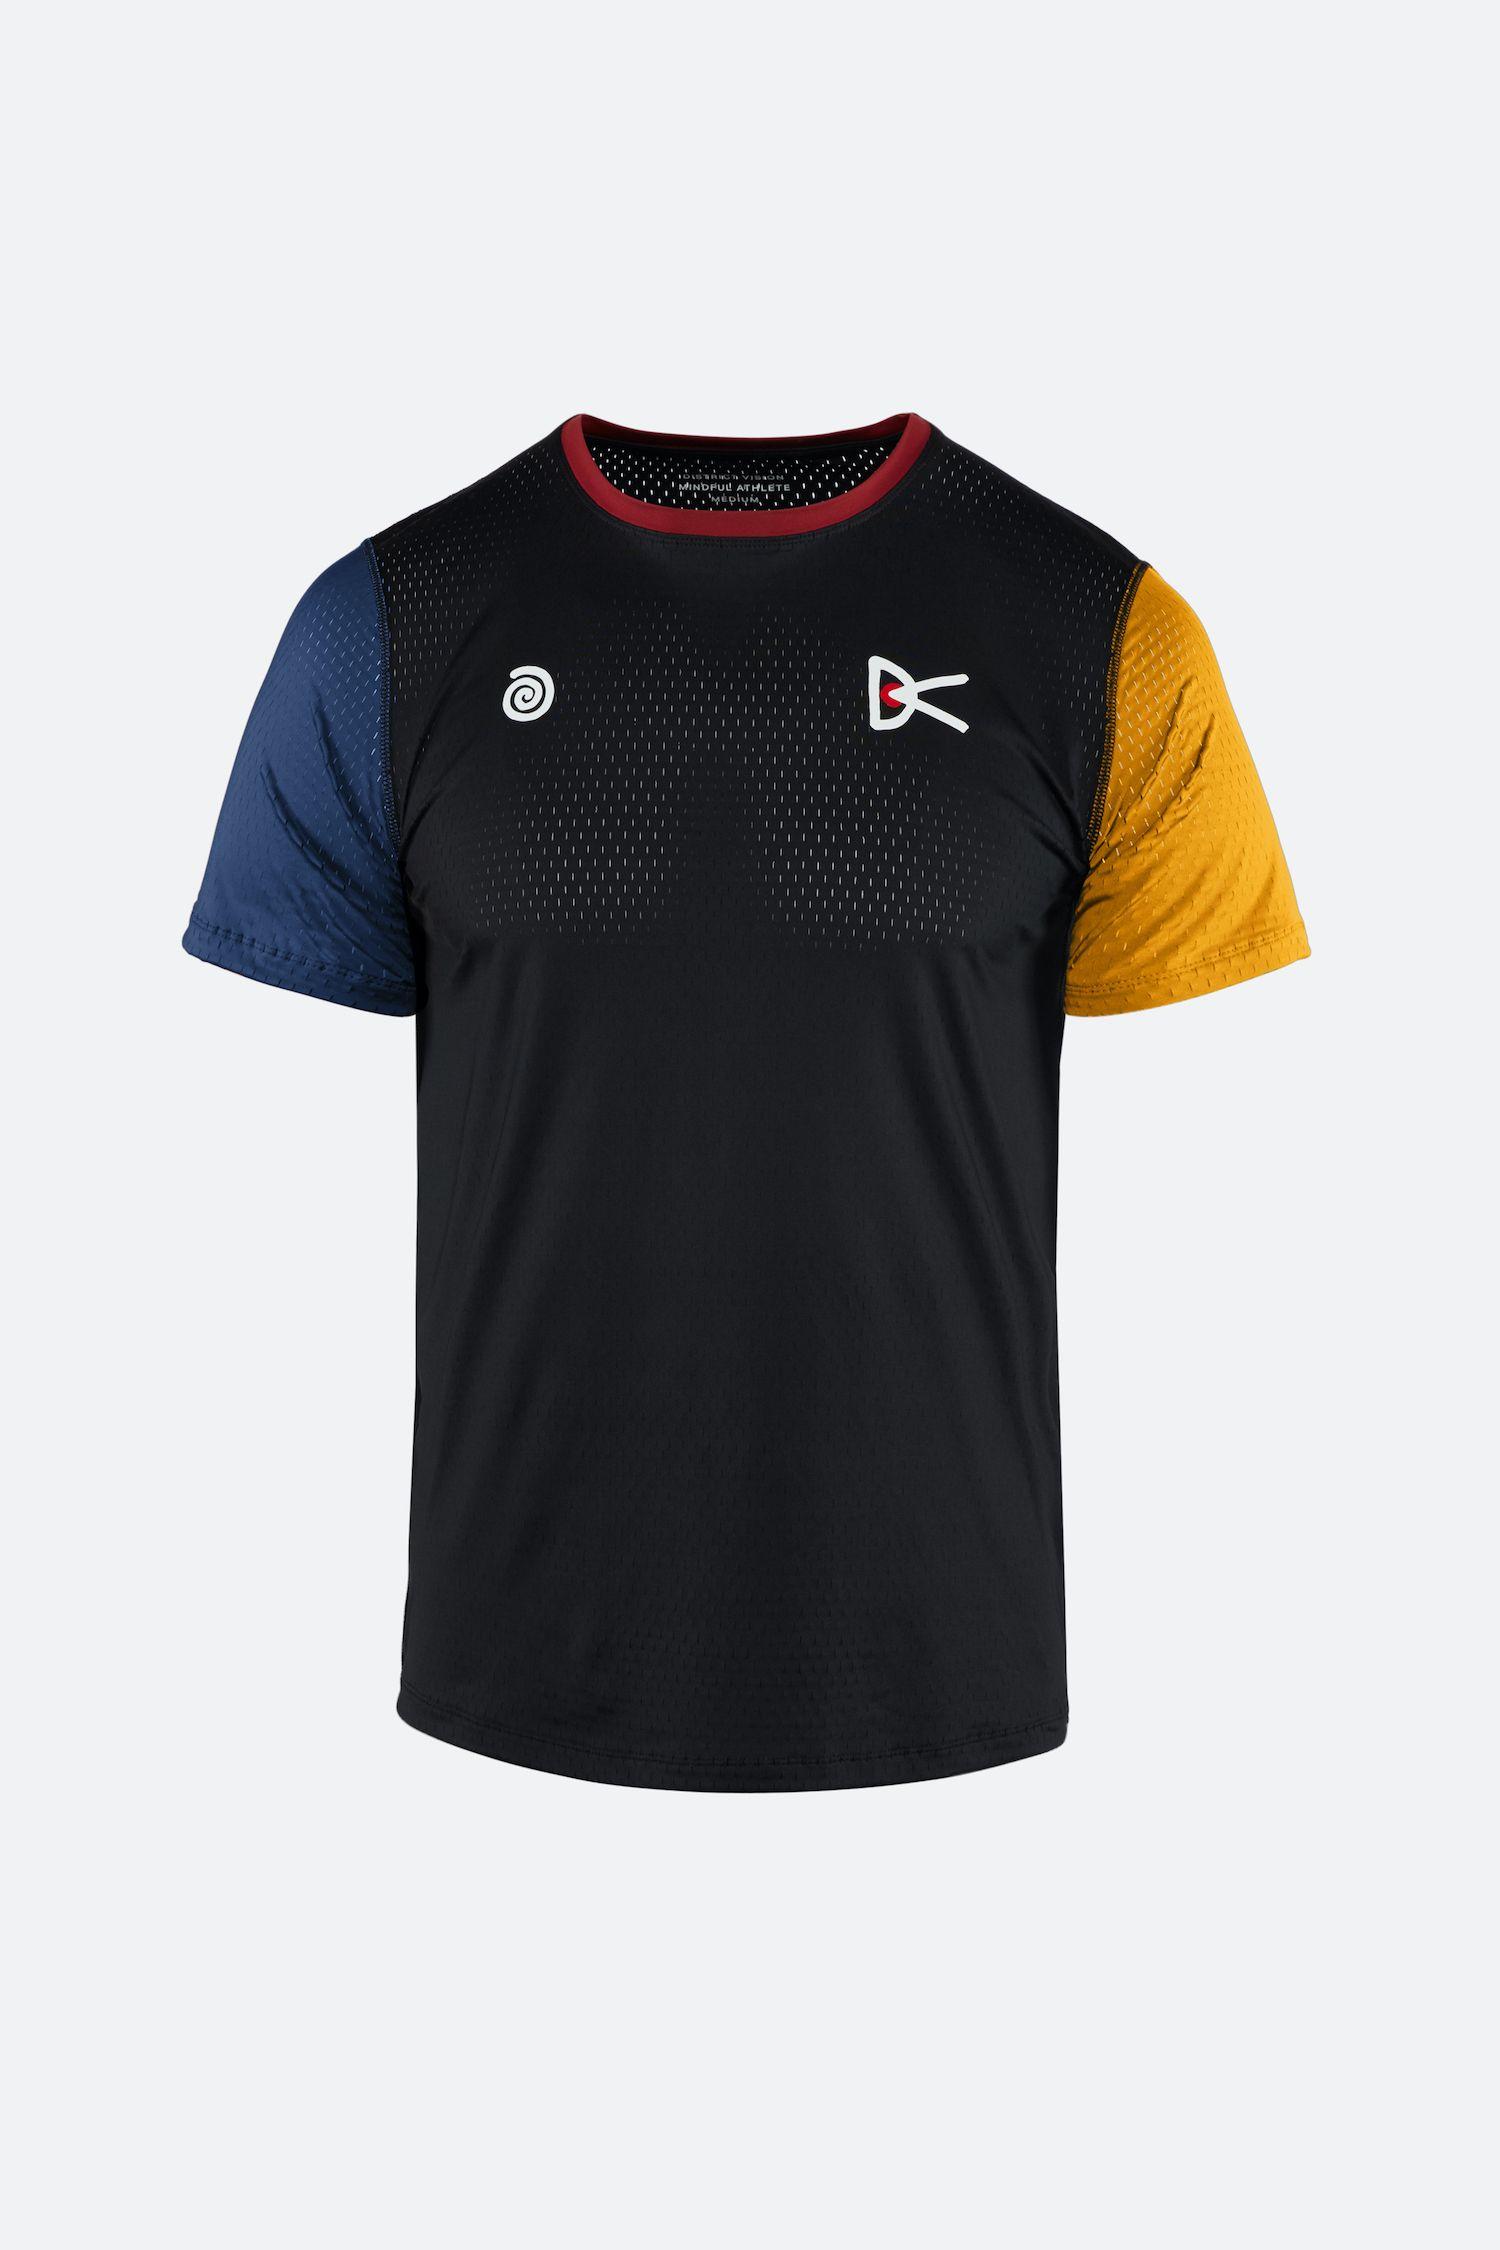 Air–Wear Short Sleeve T-Shirt, Mr. Porter